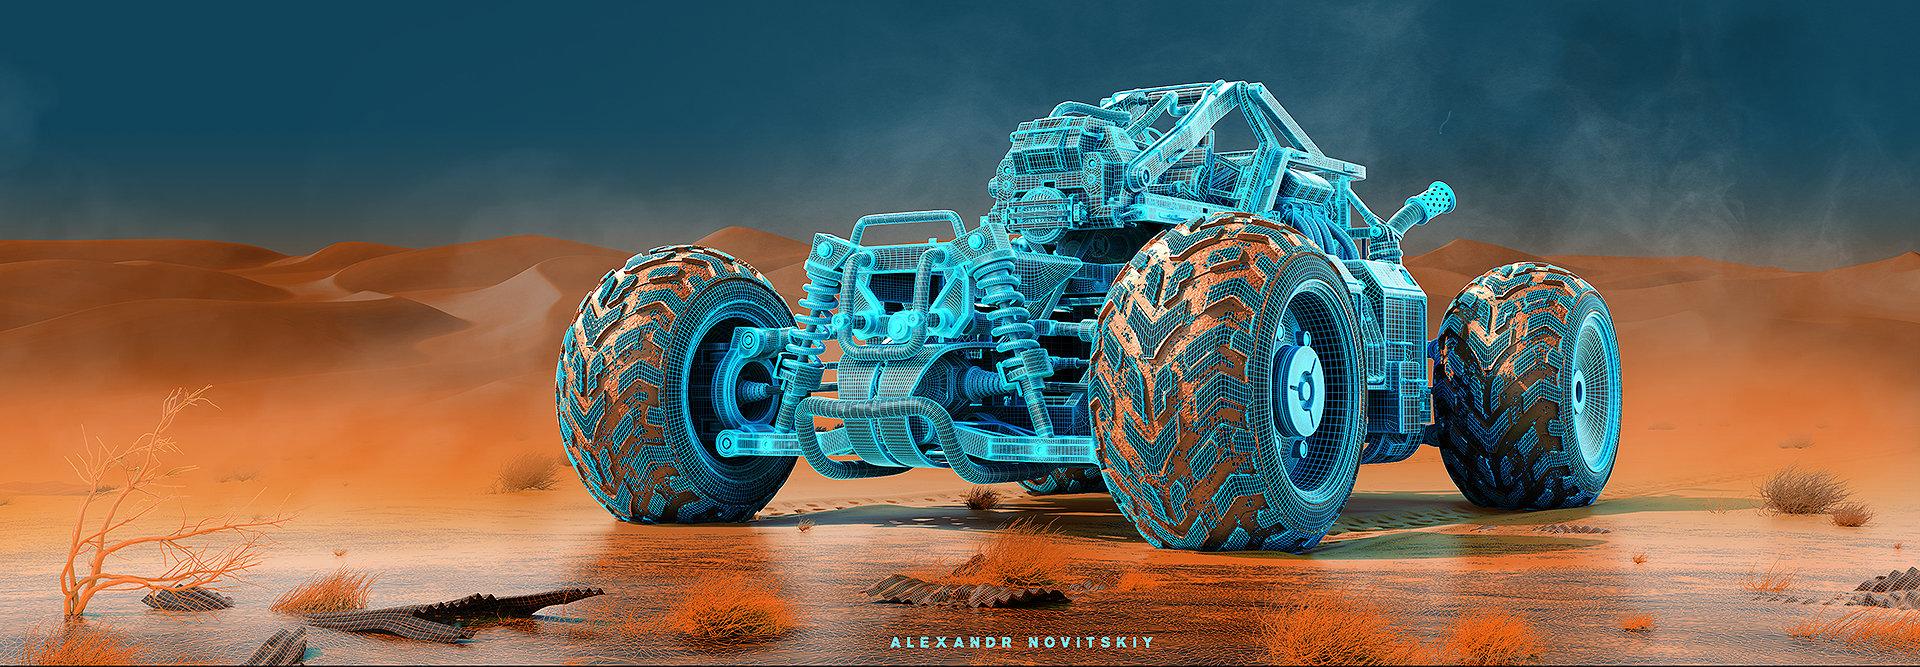 Alexandr novitskiy buggy desert 01 mesh